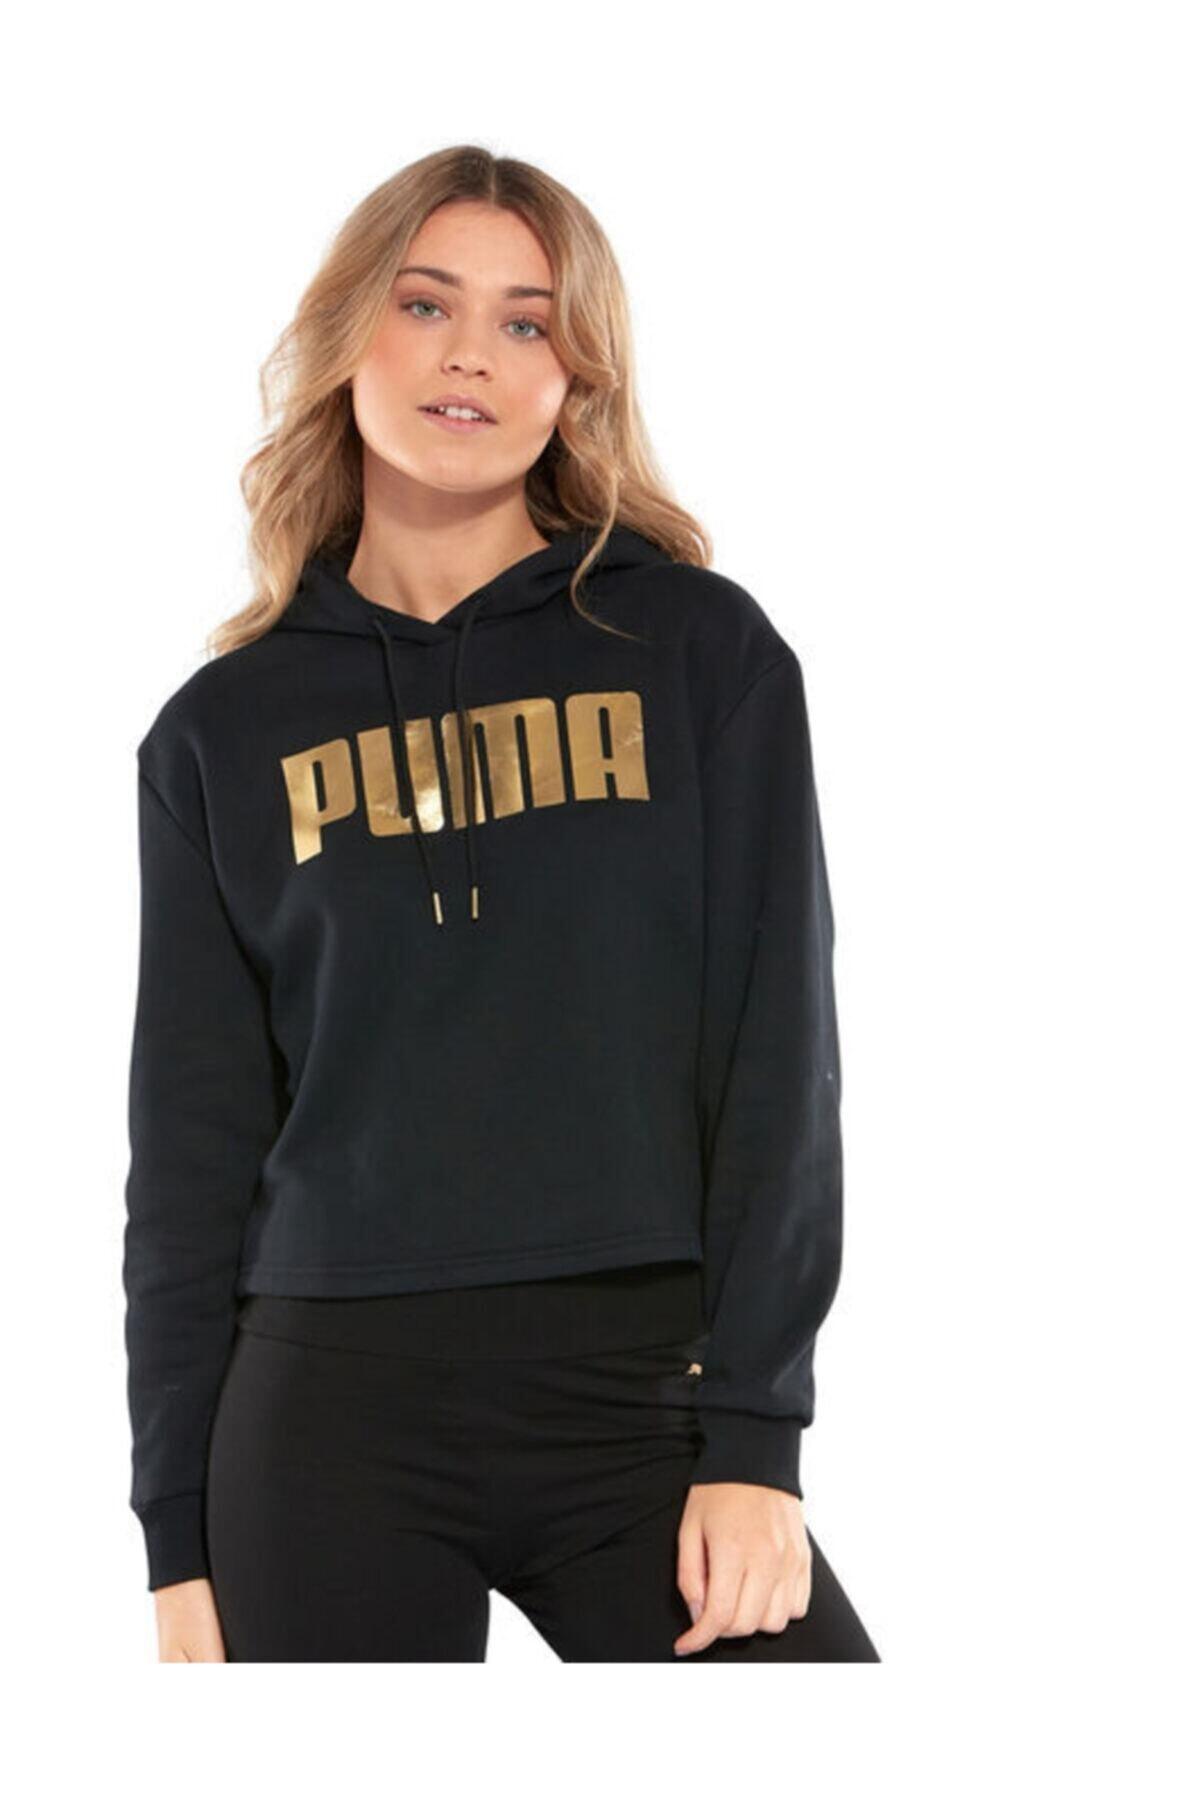 Puma Kadın Siyah Spor Sweatshirt 53096601 1